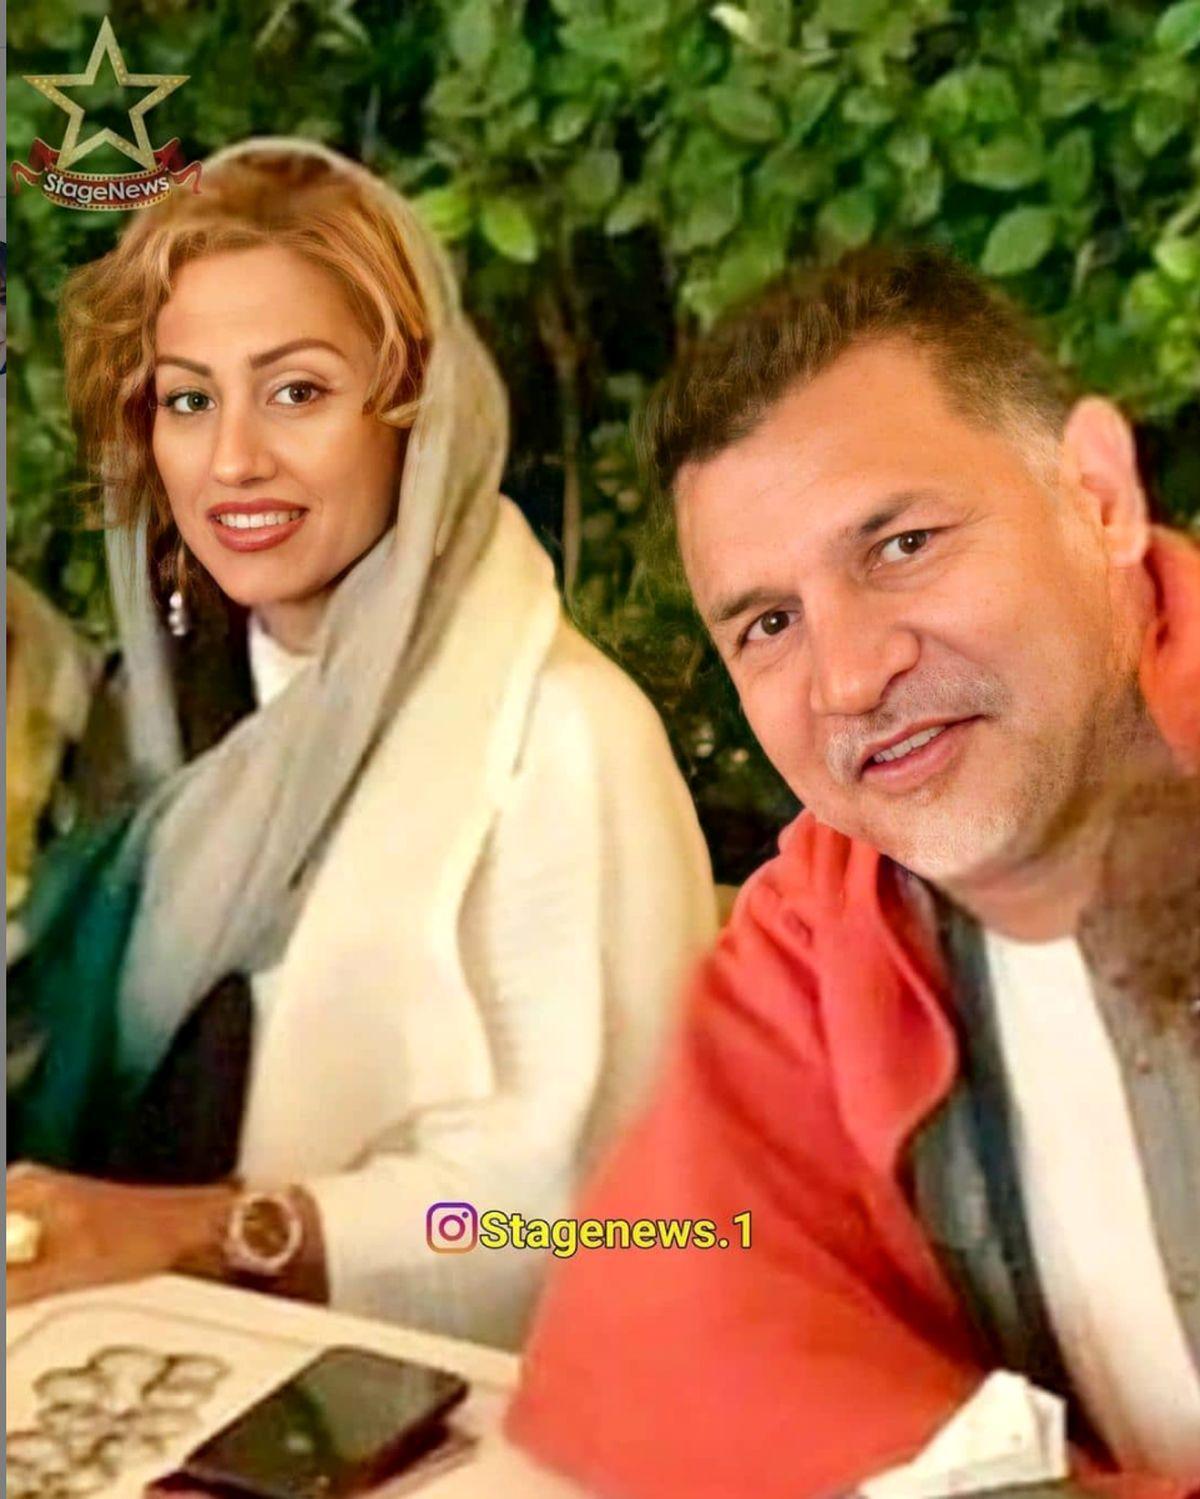 قصر شاهانه علی دایی و میهمانی باشکوهش+ تصاویر علی دایی و همسرش